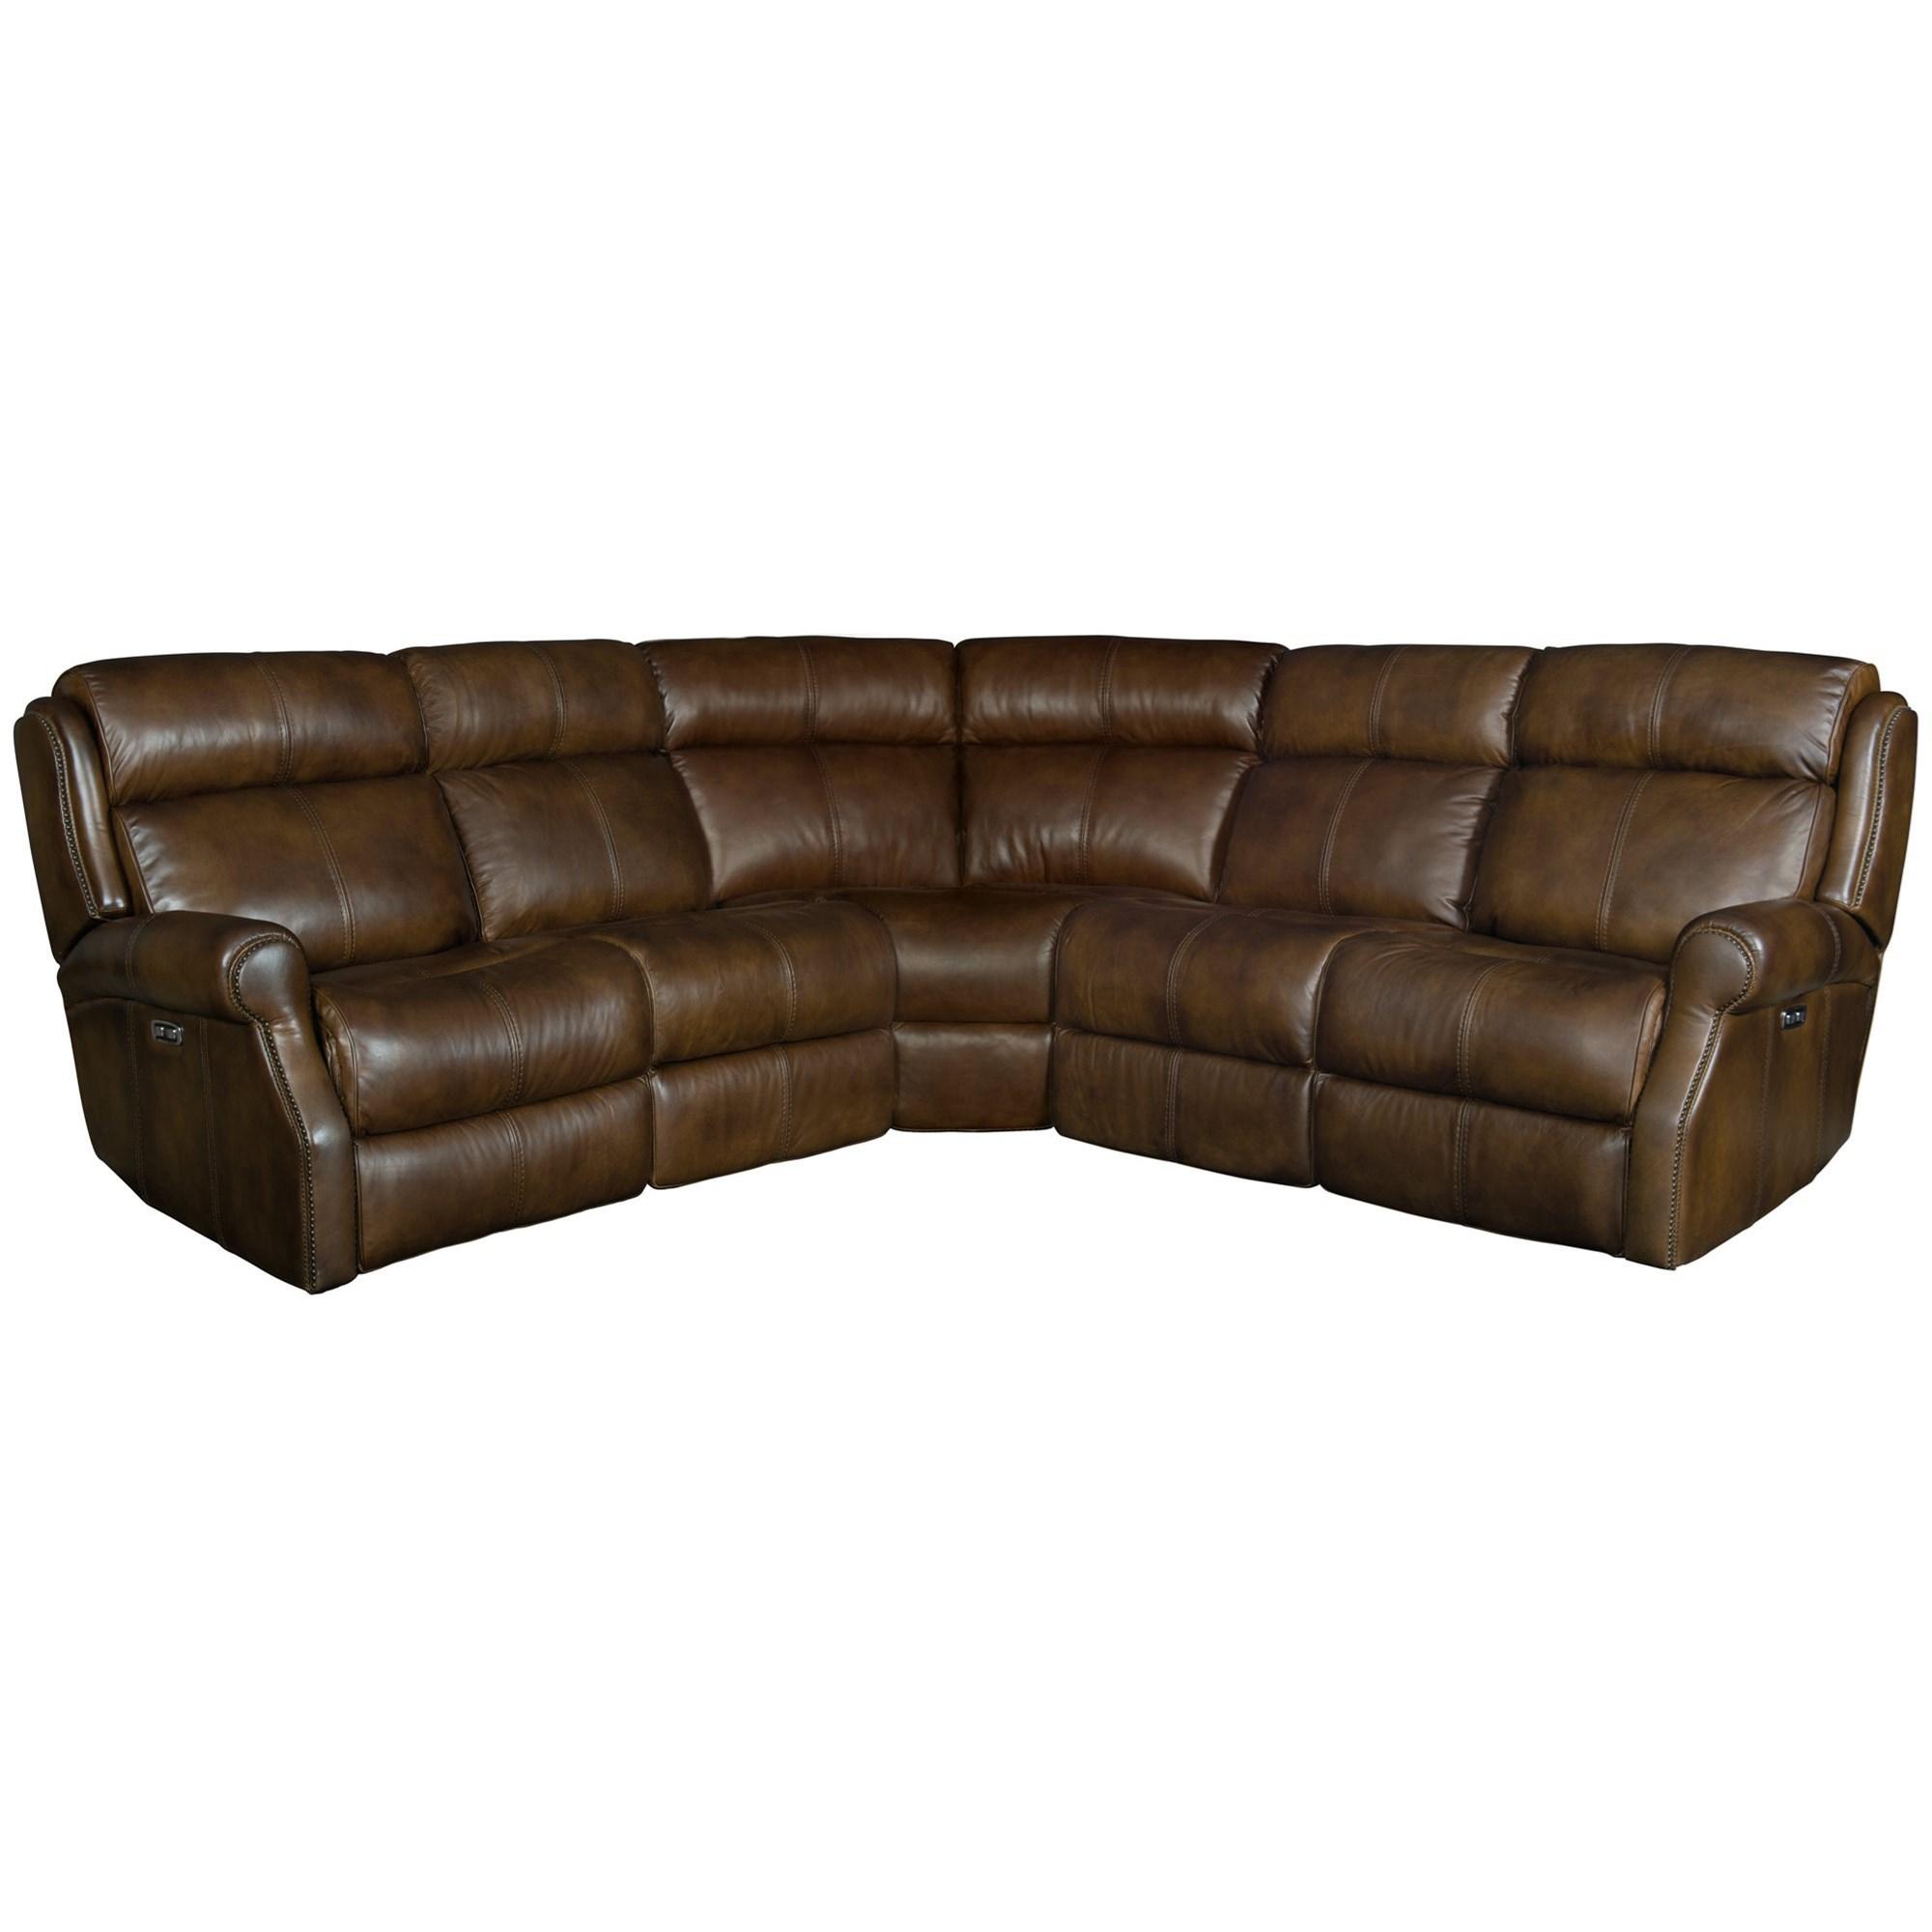 Ordinaire Dunk U0026 Bright Furniture